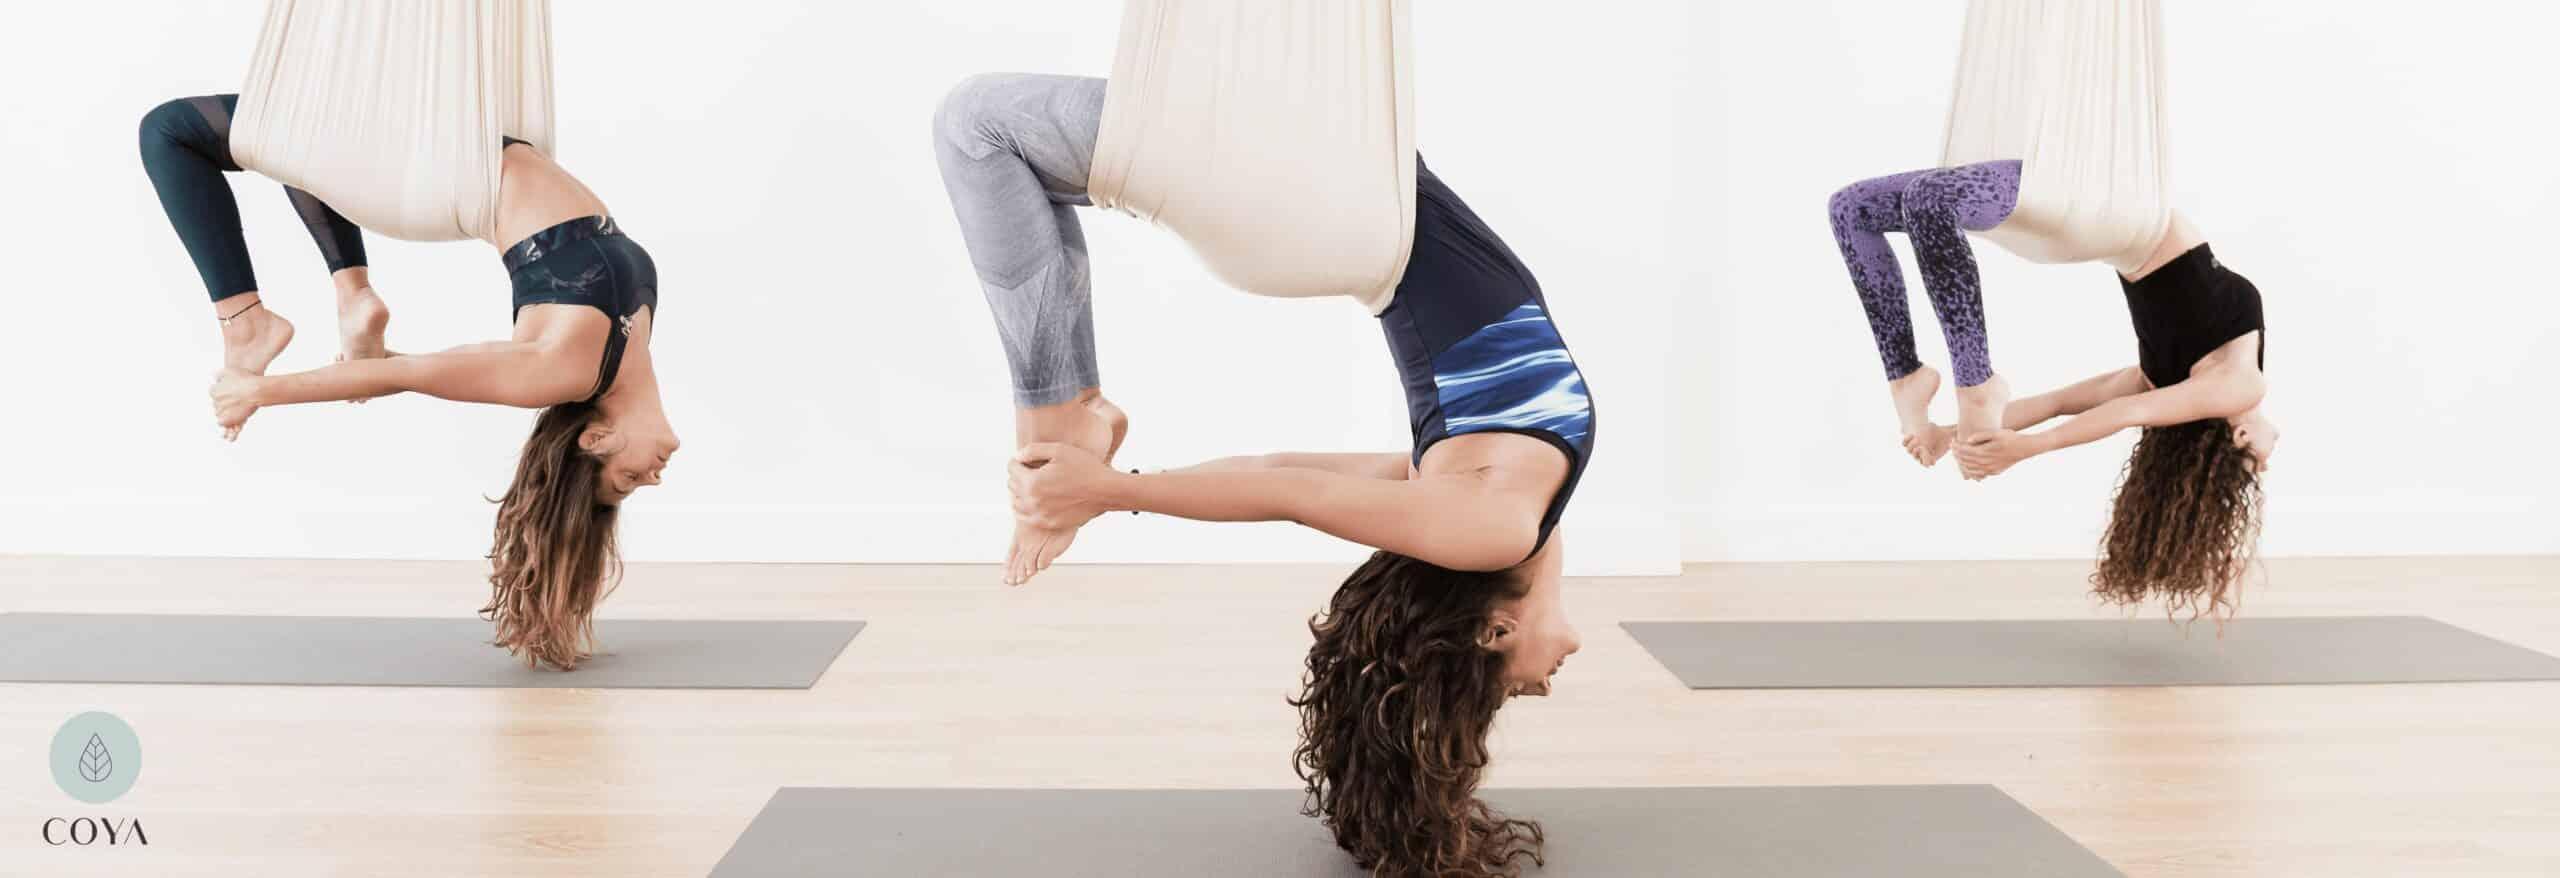 Τρεις γυναίκες ασκούν Aerial Yoga